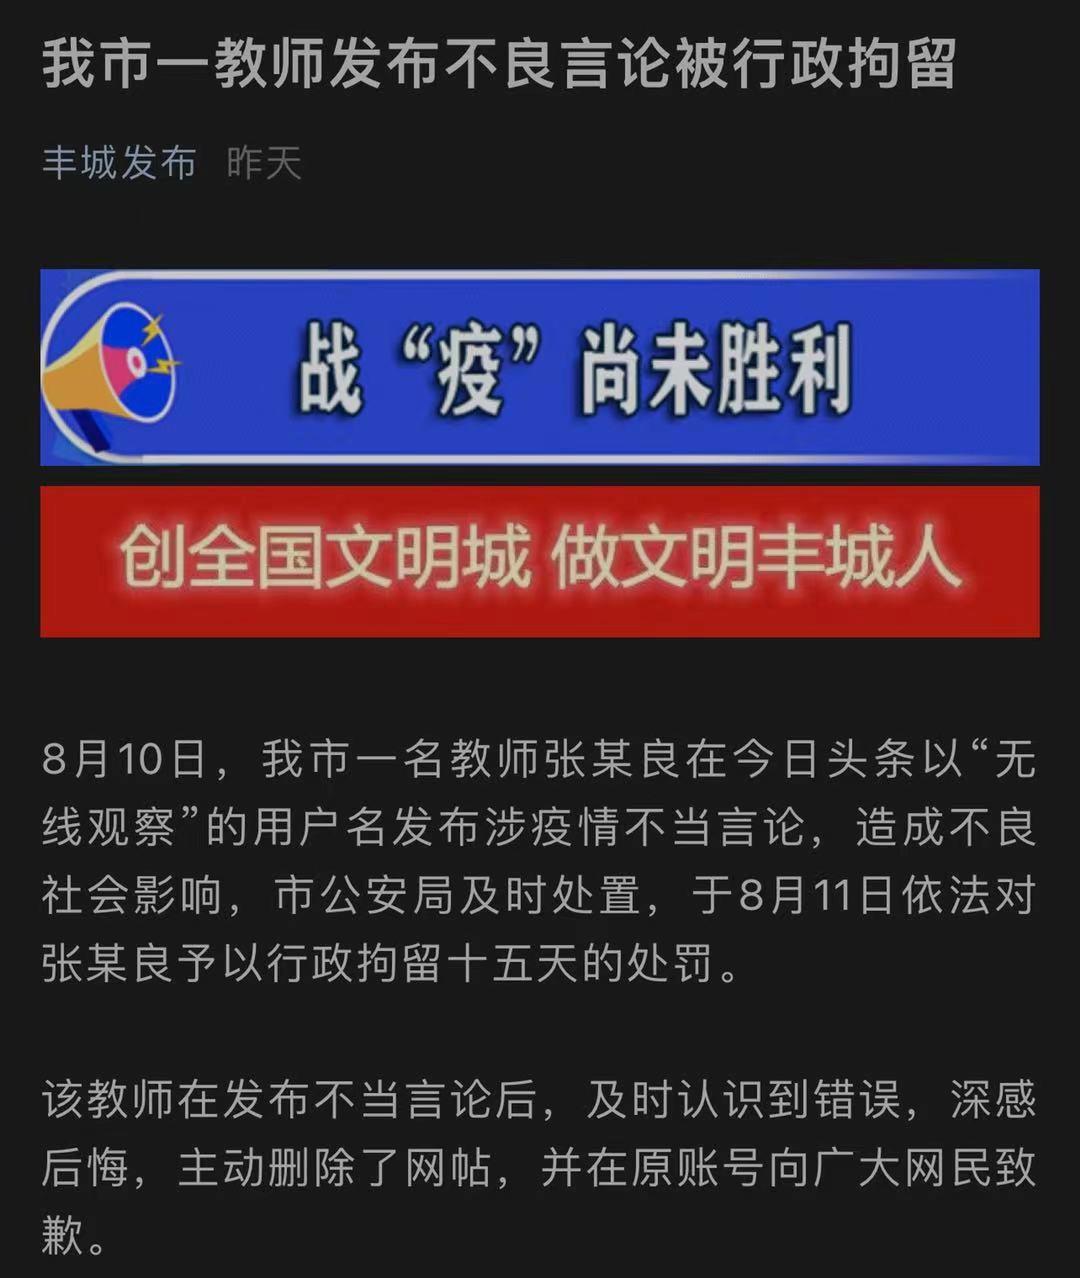 """""""让扬州试验放弃严格防疫,与病毒共存"""",江西一老师因涉疫言论被拘15天,他发文道歉了"""